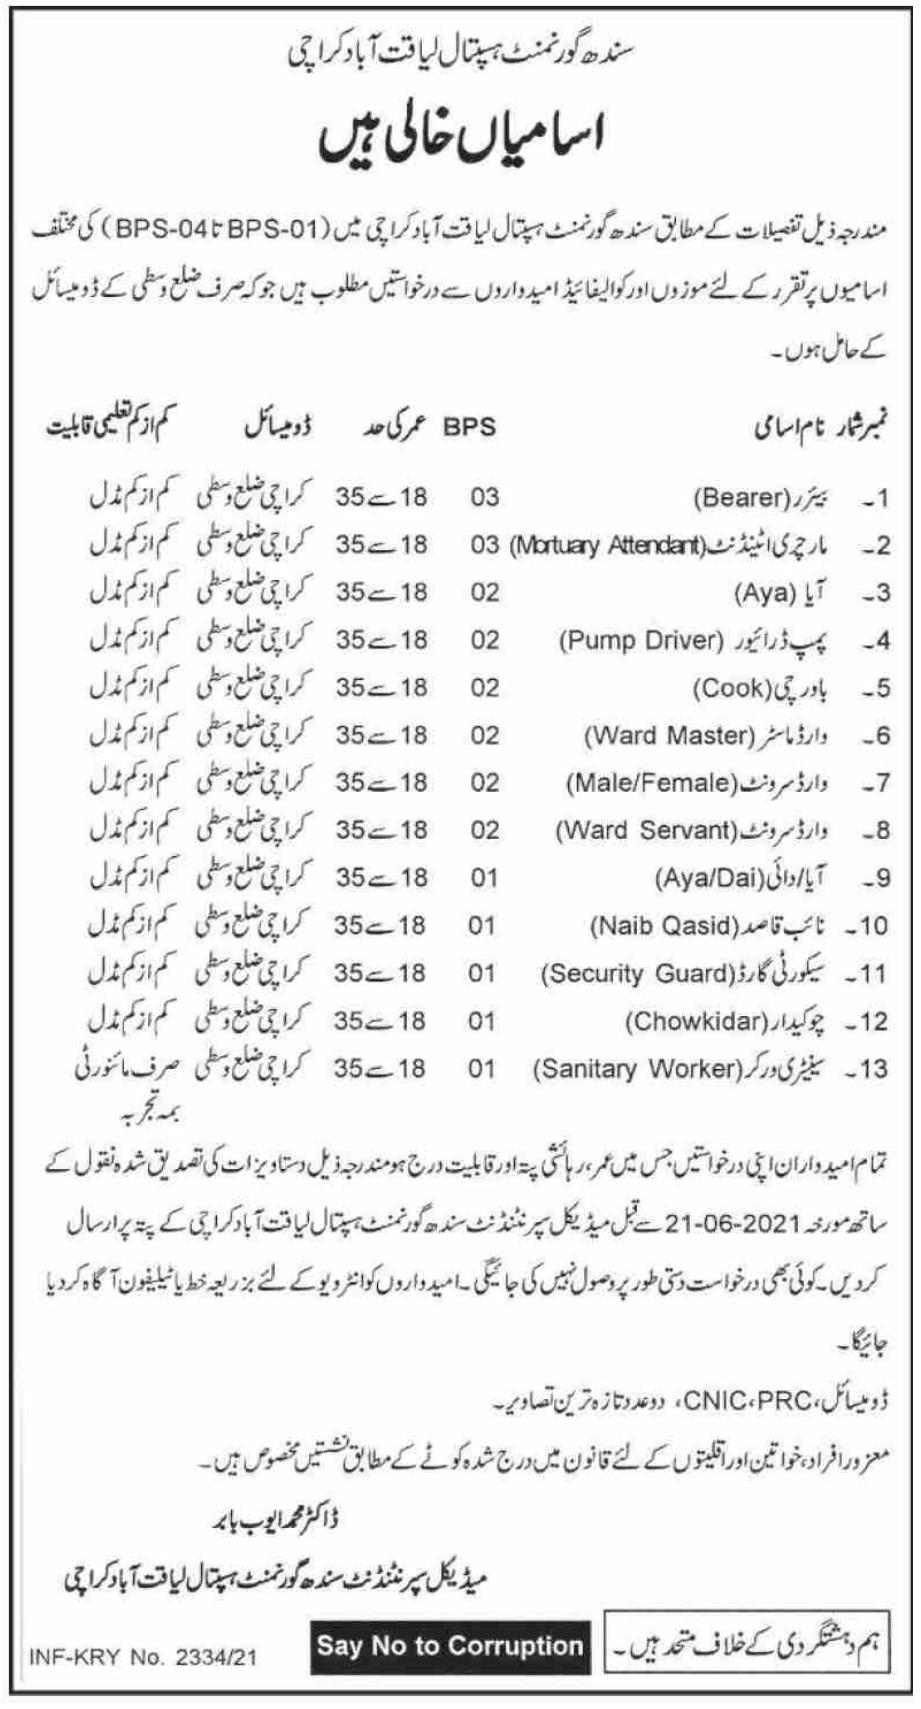 Sindh Government Hospital Liaquatabad Karachi Jobs 2021